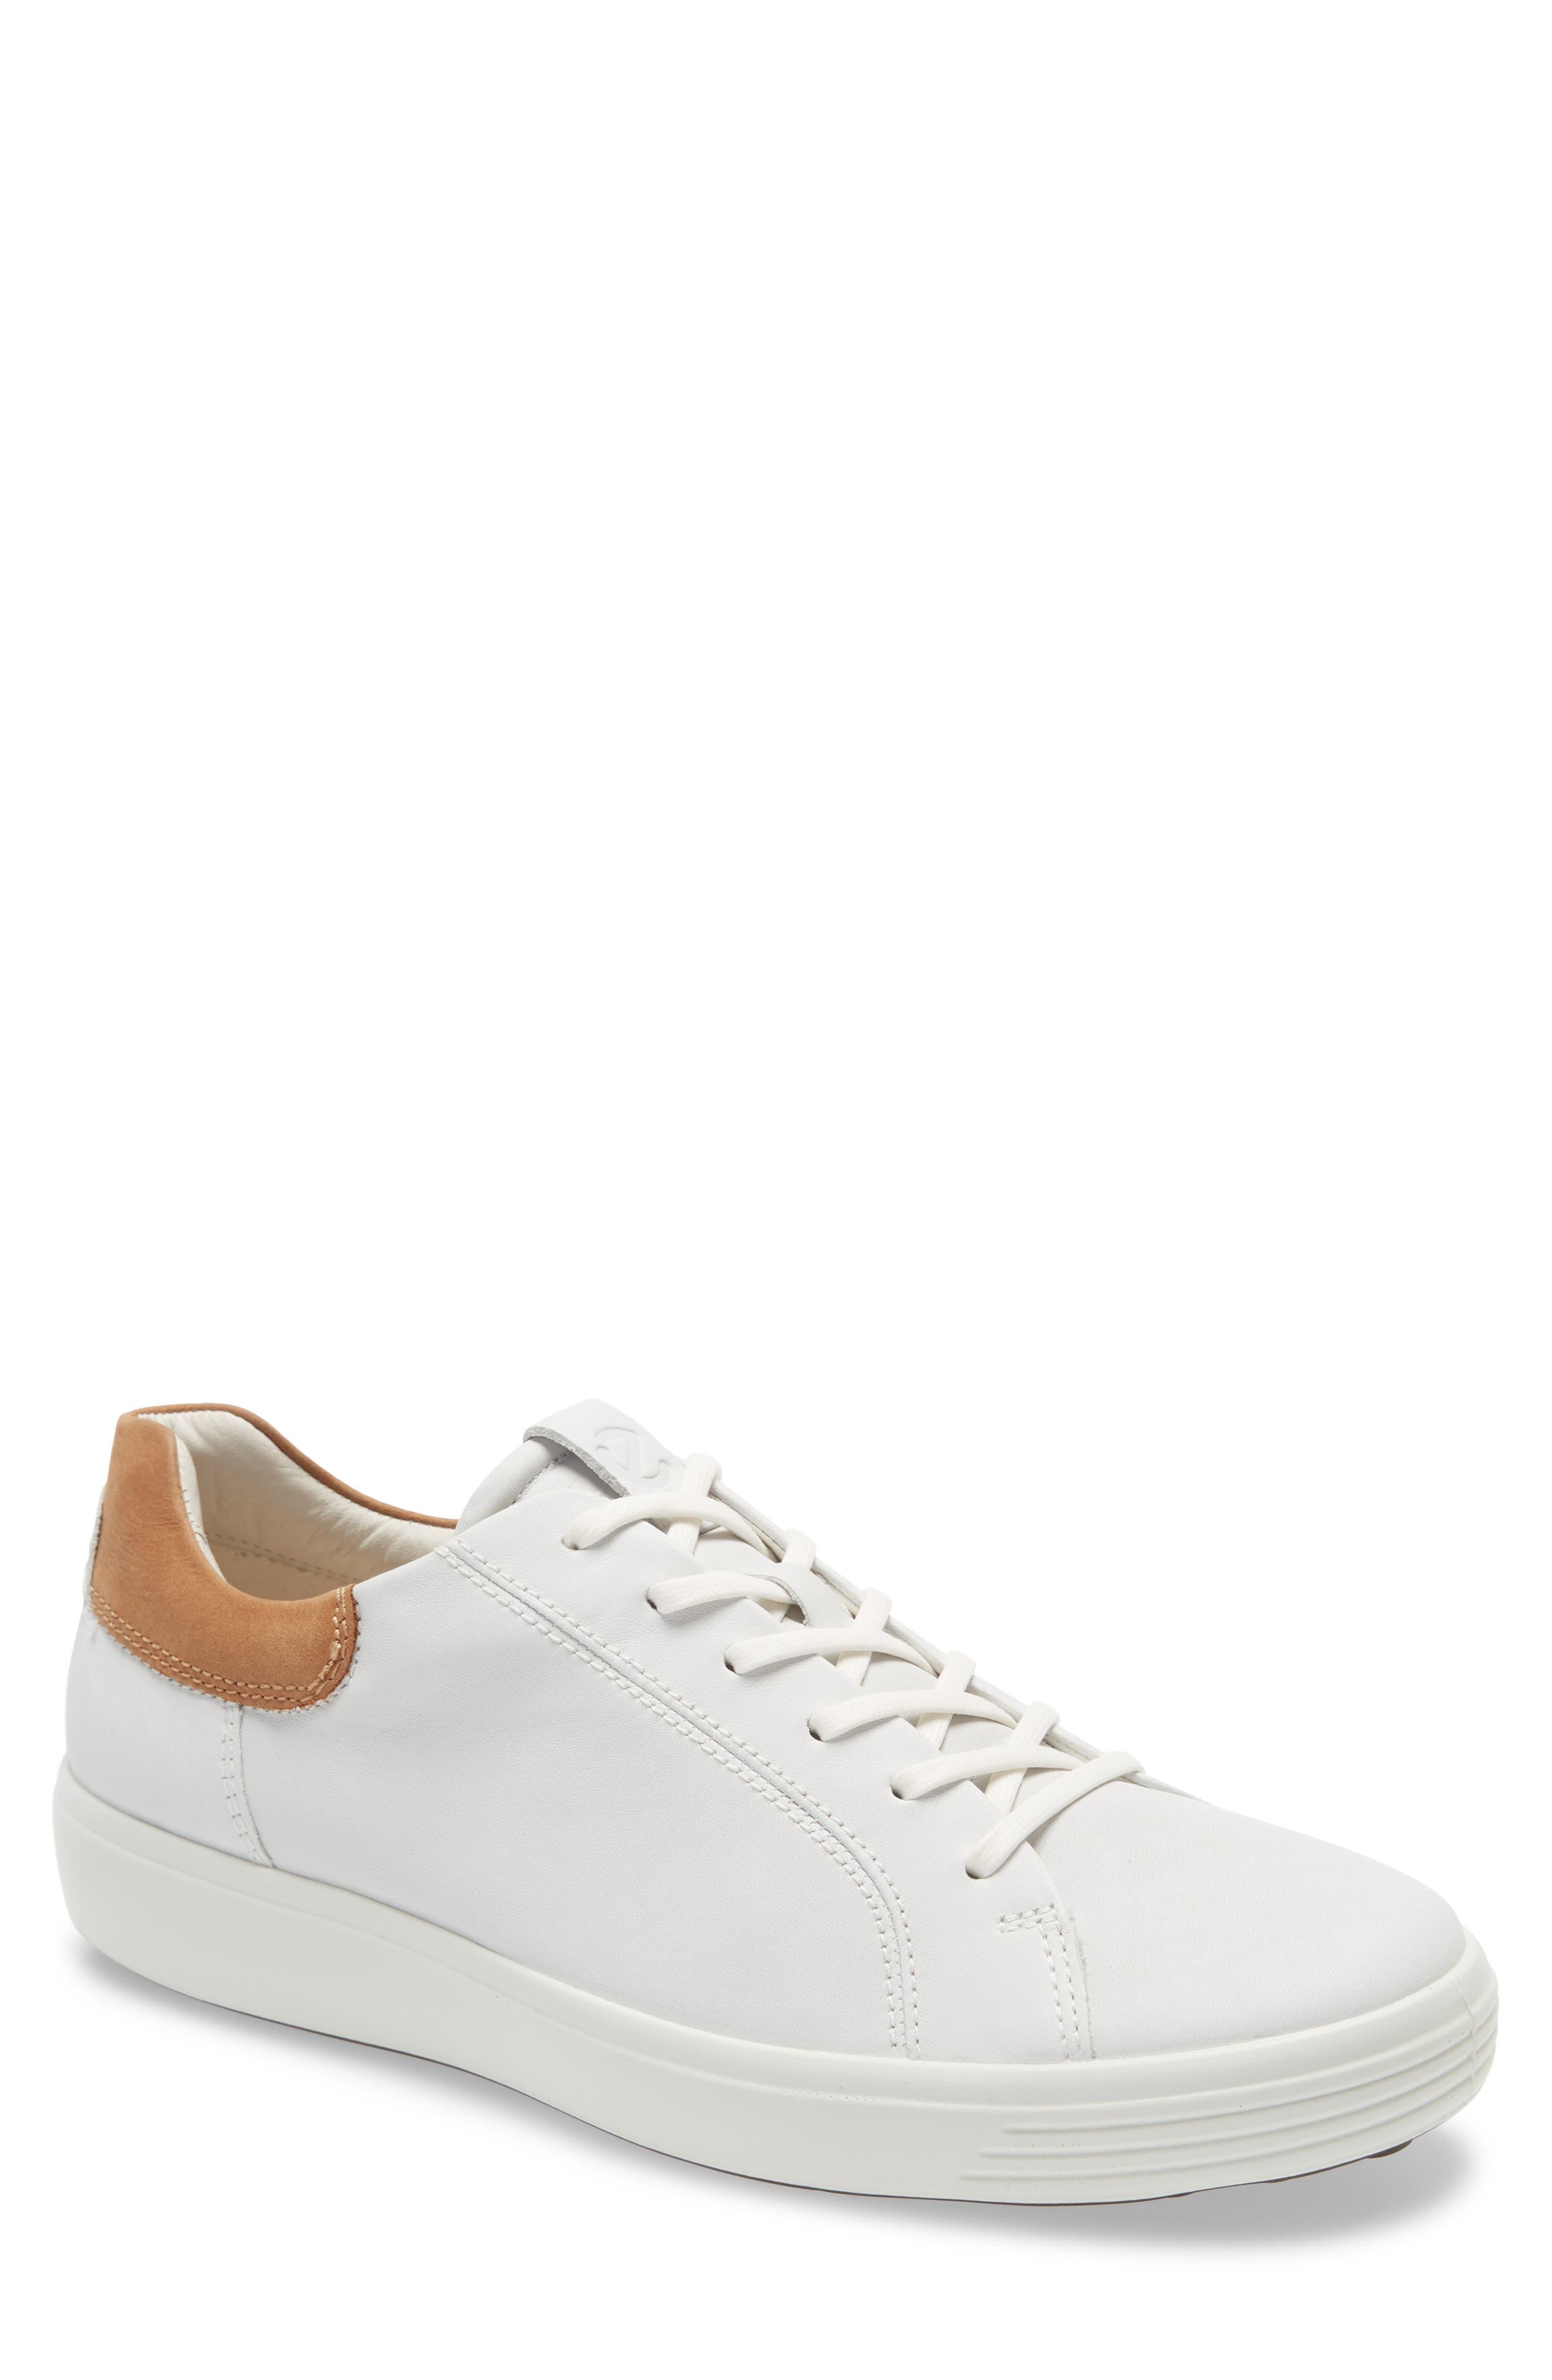 ECCO Men's Ecco Soft 7 Sneaker, Size 5-5.5US - White